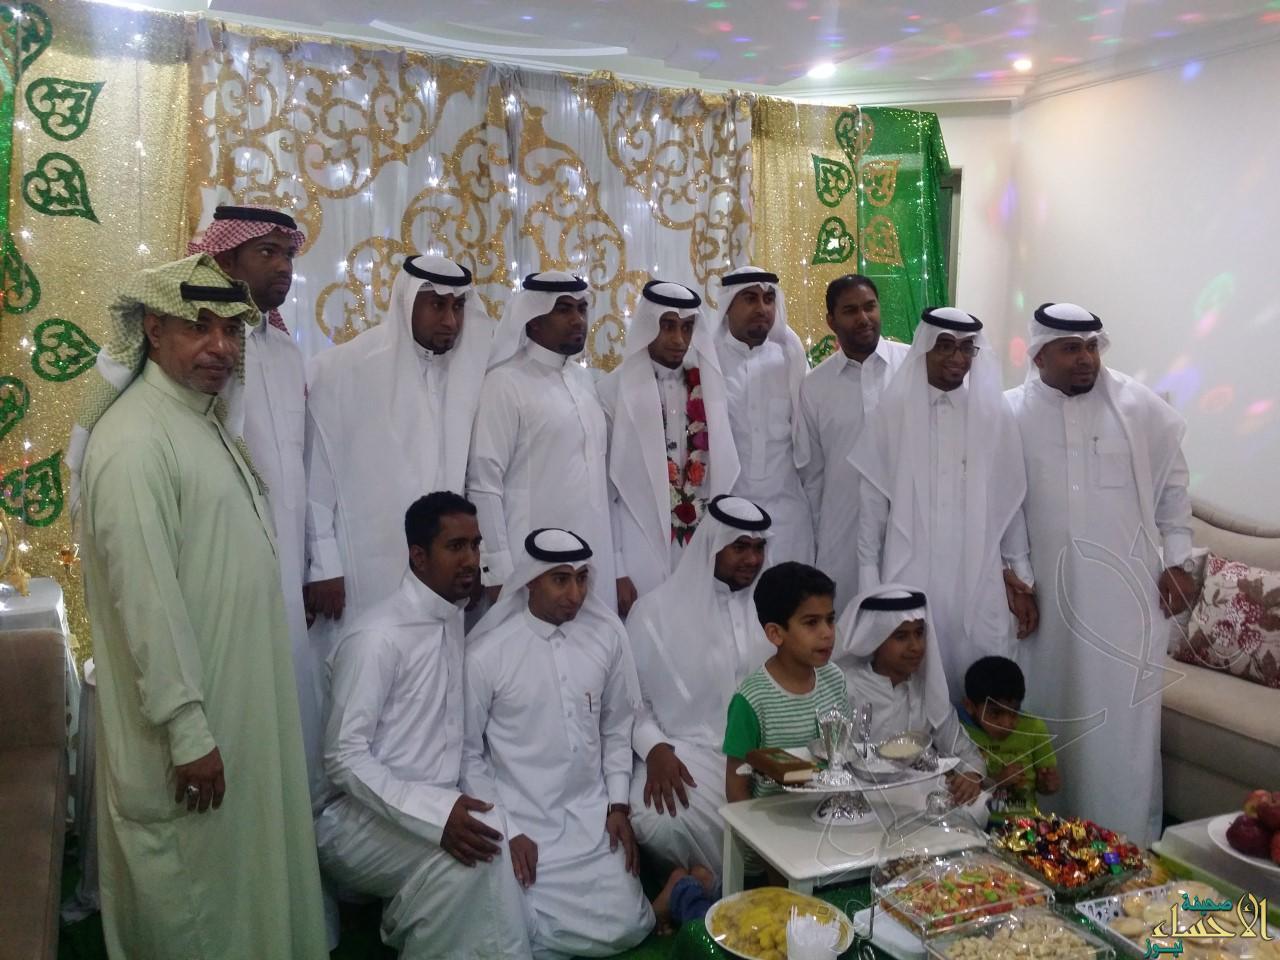 جماعية للعريس وأهله